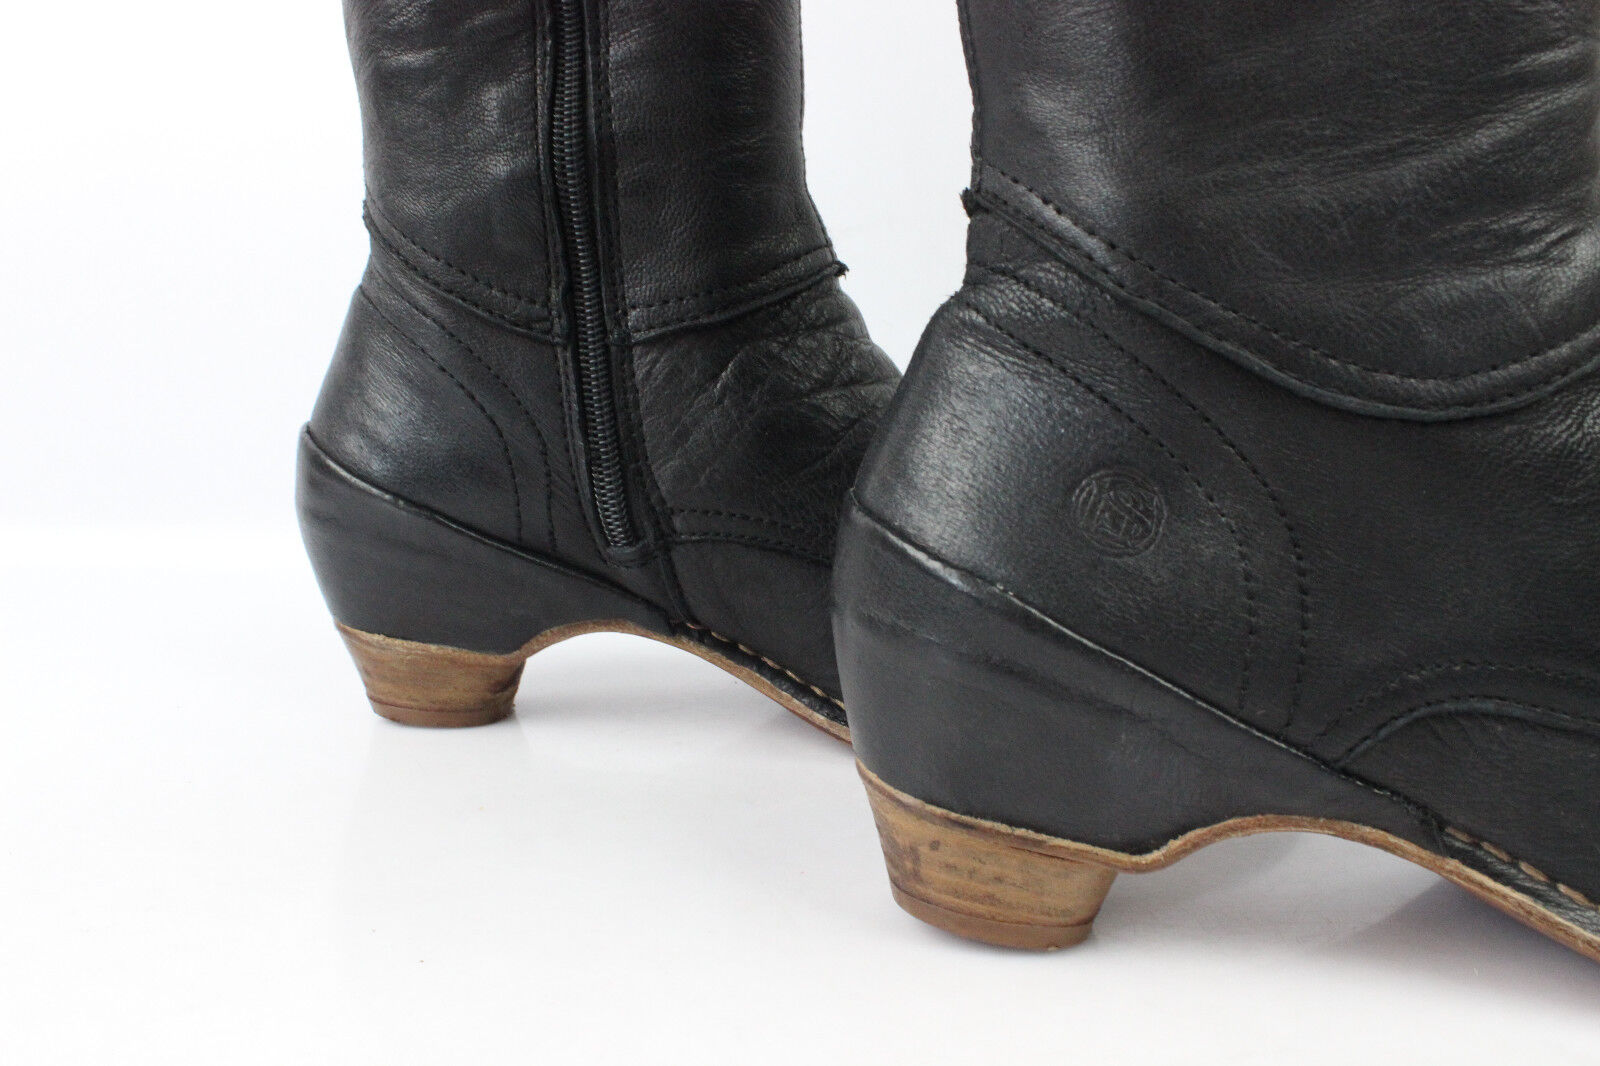 Stiefel NEOSENS Vollleder schwarz T 36 sehr sehr sehr guter Zustand 7b2691